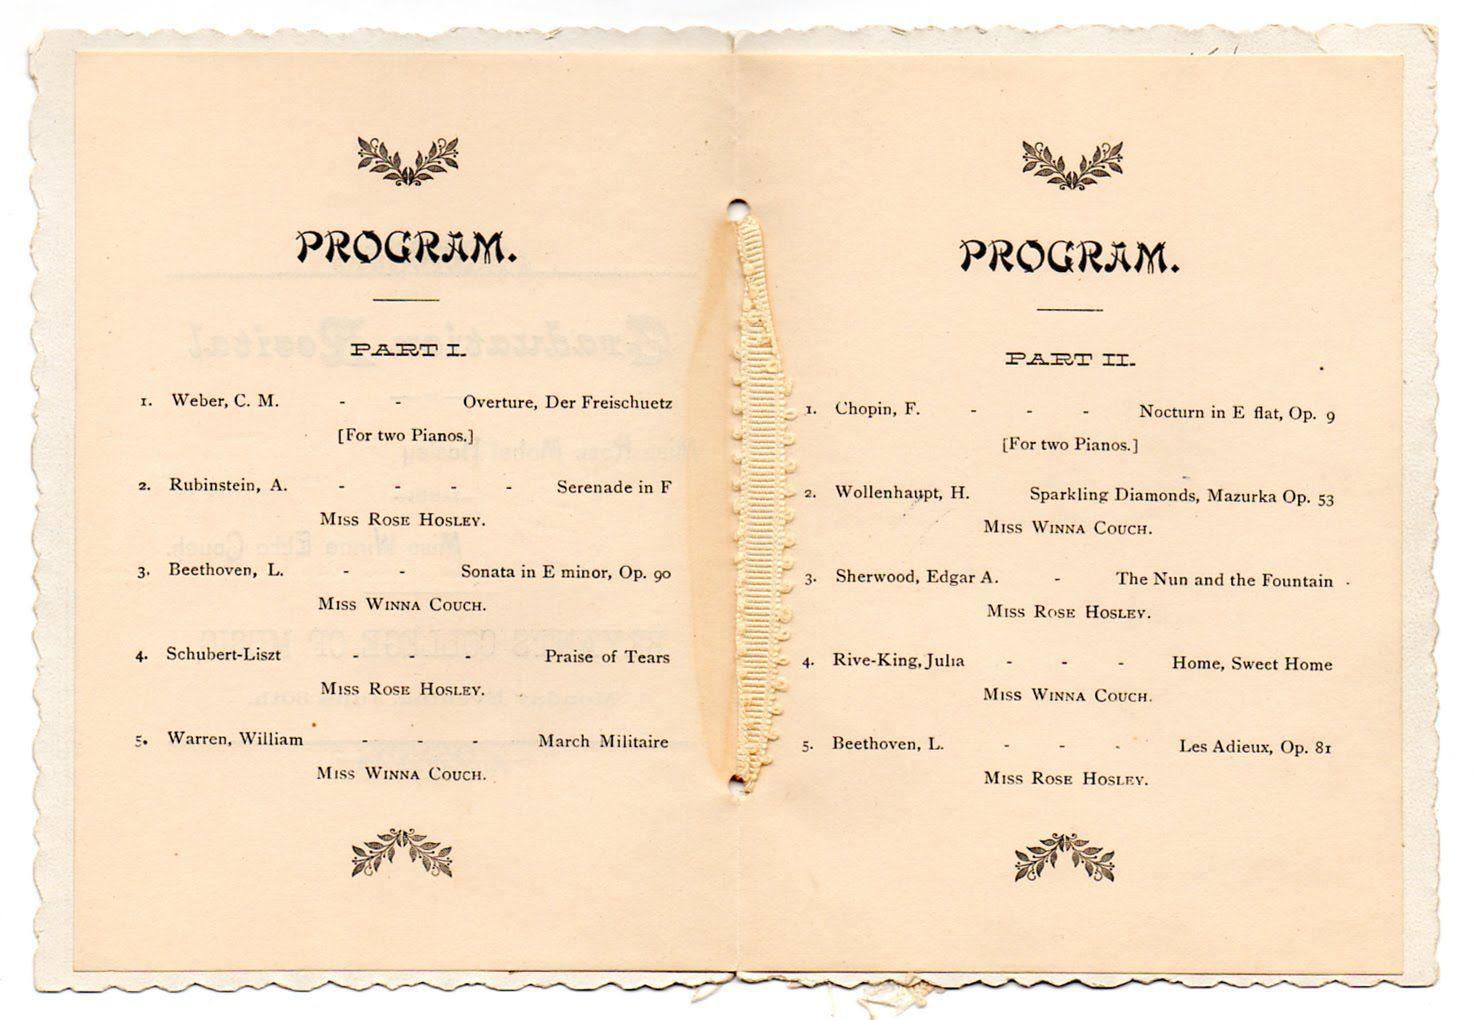 Graduation Program Template With Images Vintage Graduation